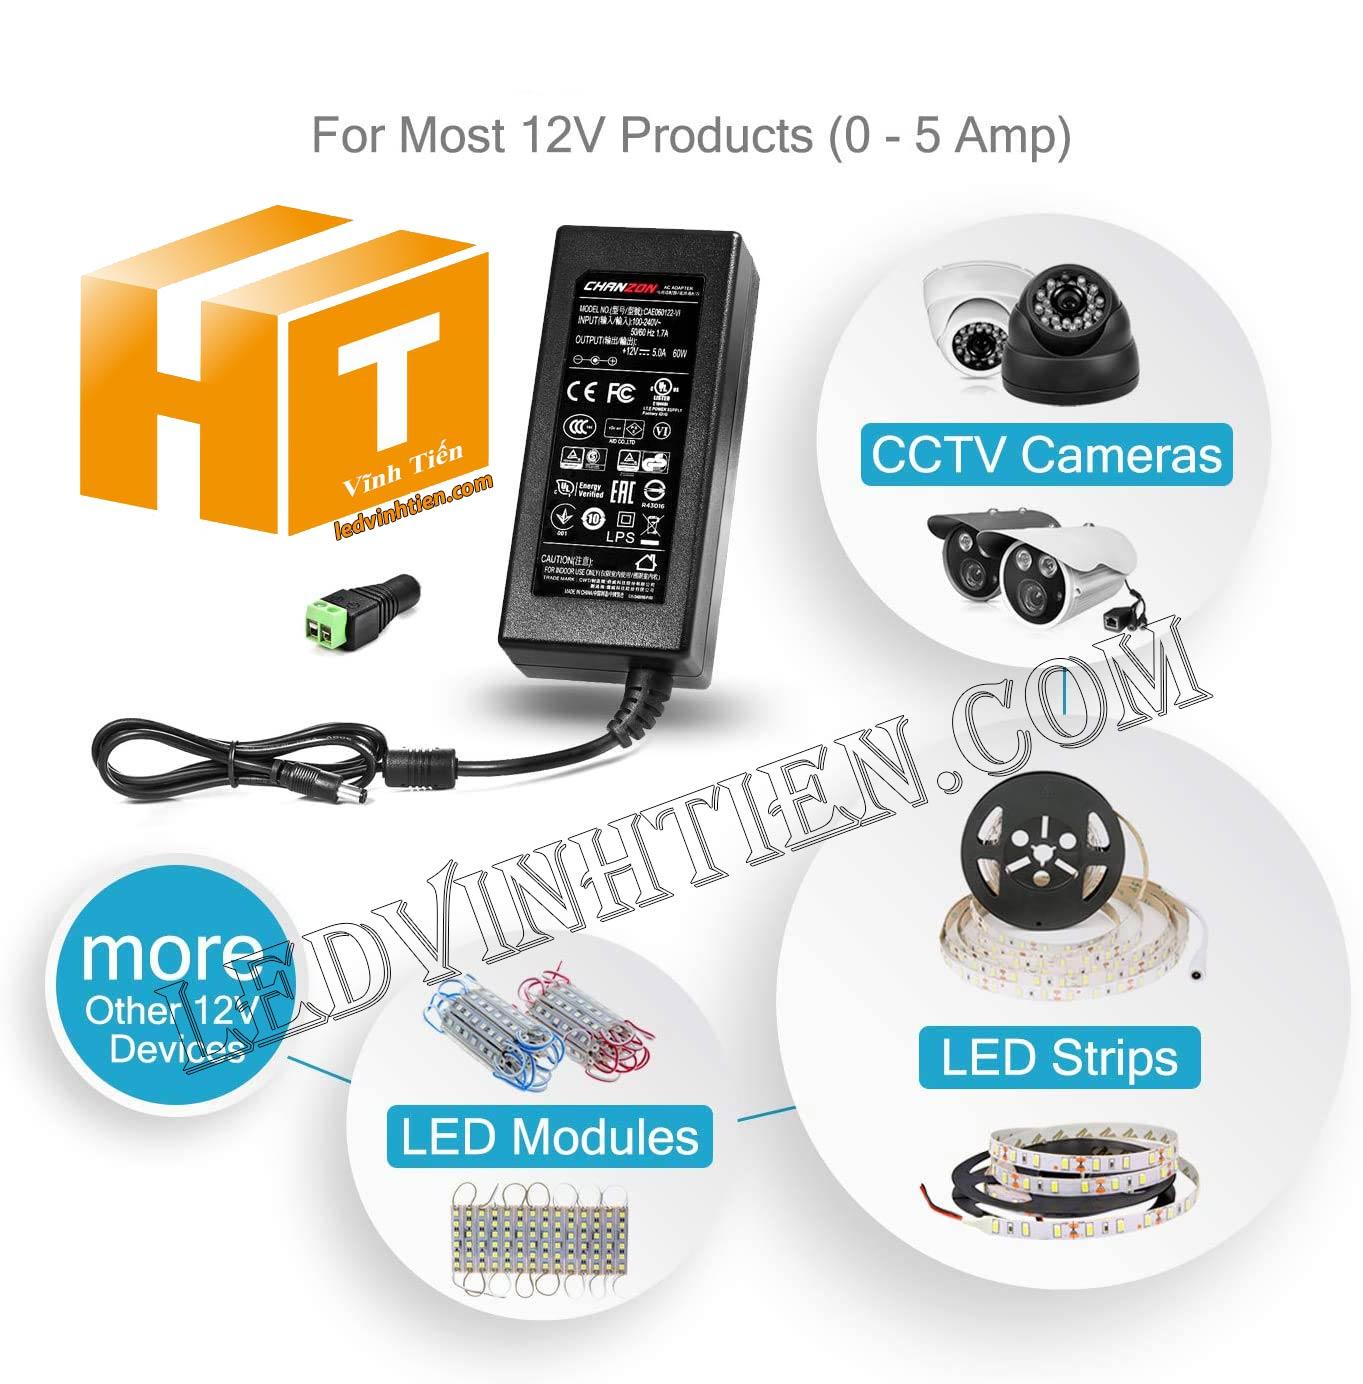 ứng  dụng của adapter 12v 10a dùng cho đèn led, camera, led hắt và các thiết bị điện tử khác